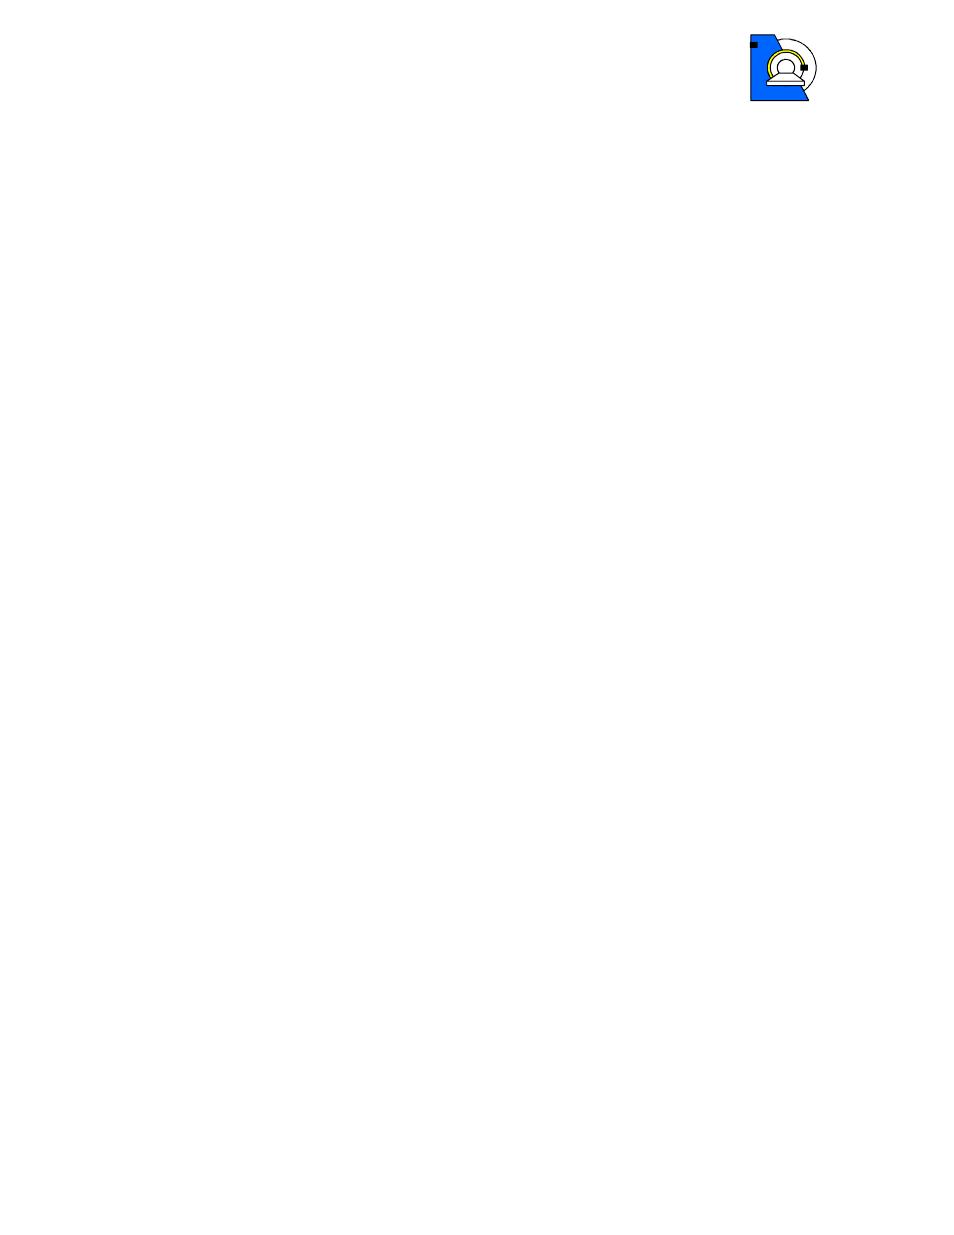 Software installation procedure, Installation, 2 software